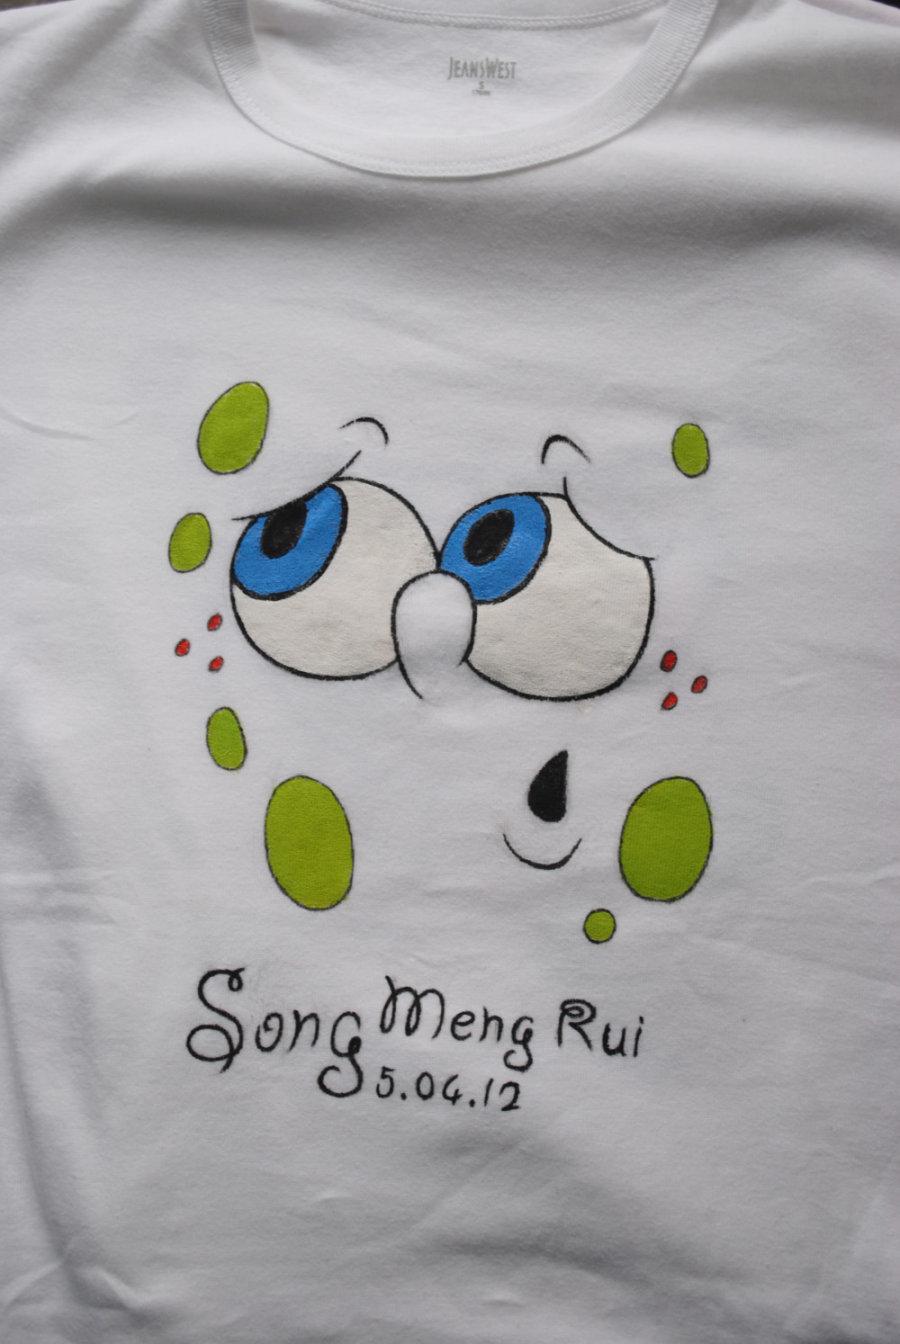 幼儿白色t恤上绘画图片